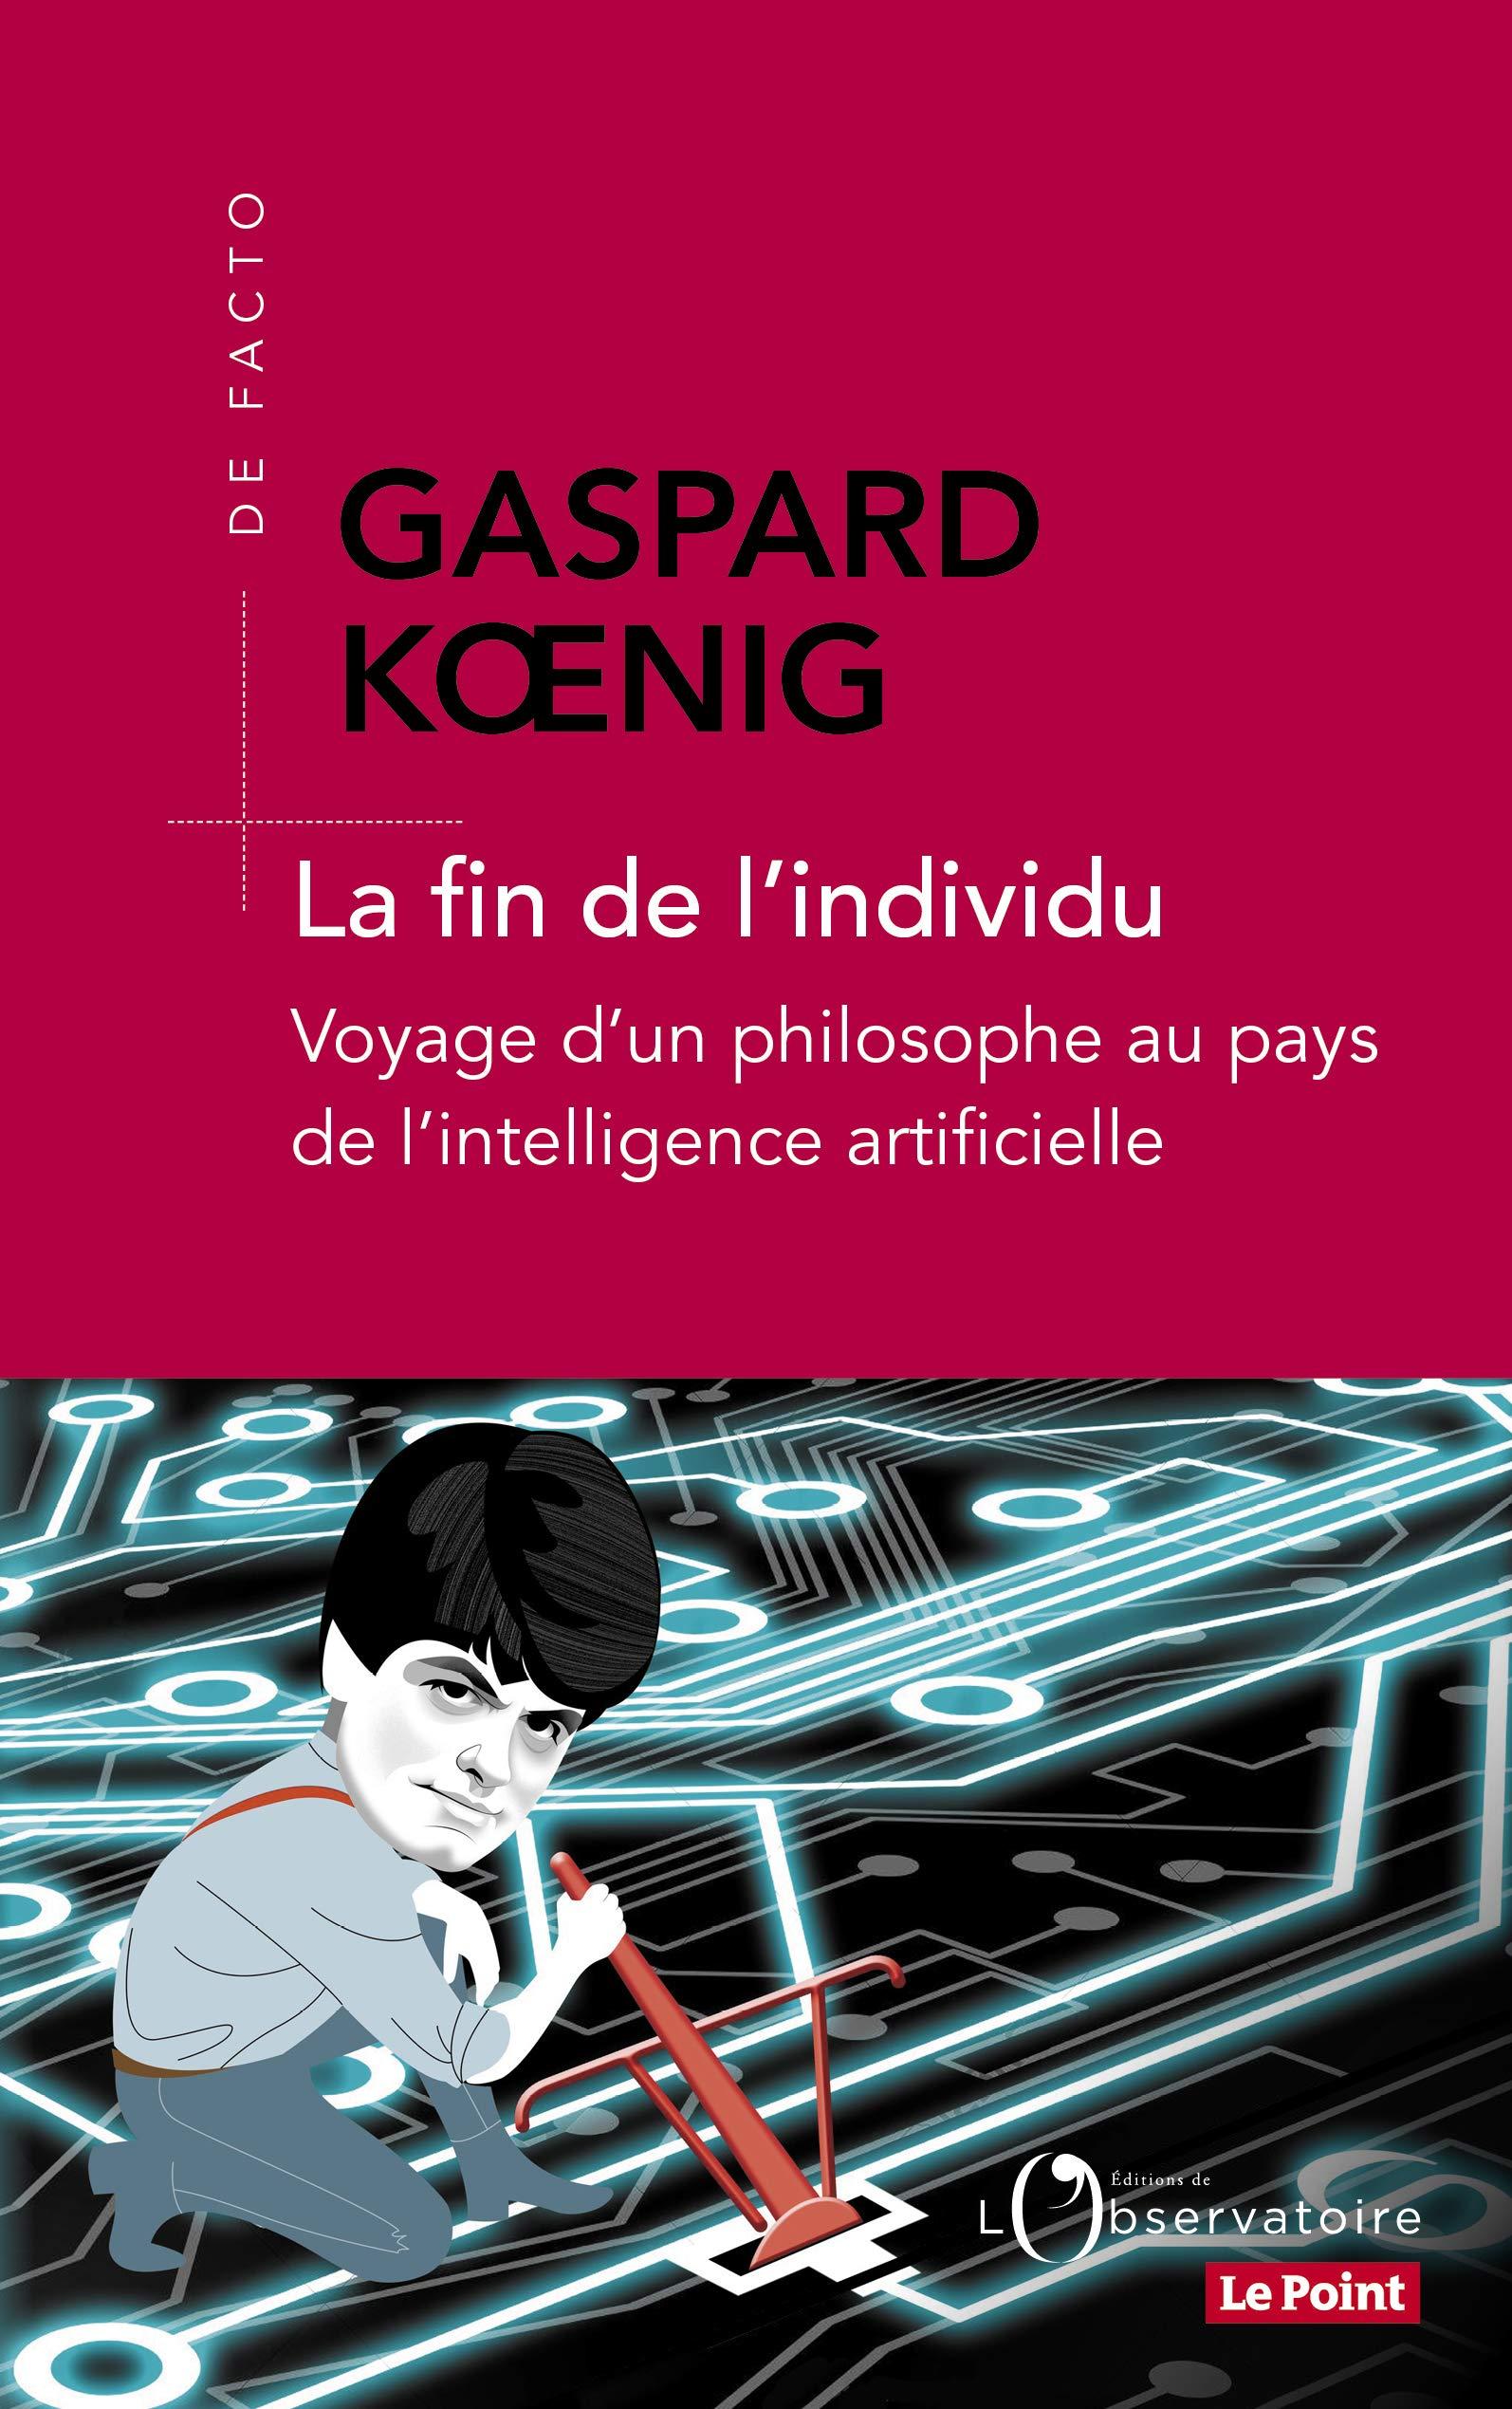 La fin de l'individu par Gaspard Koenig